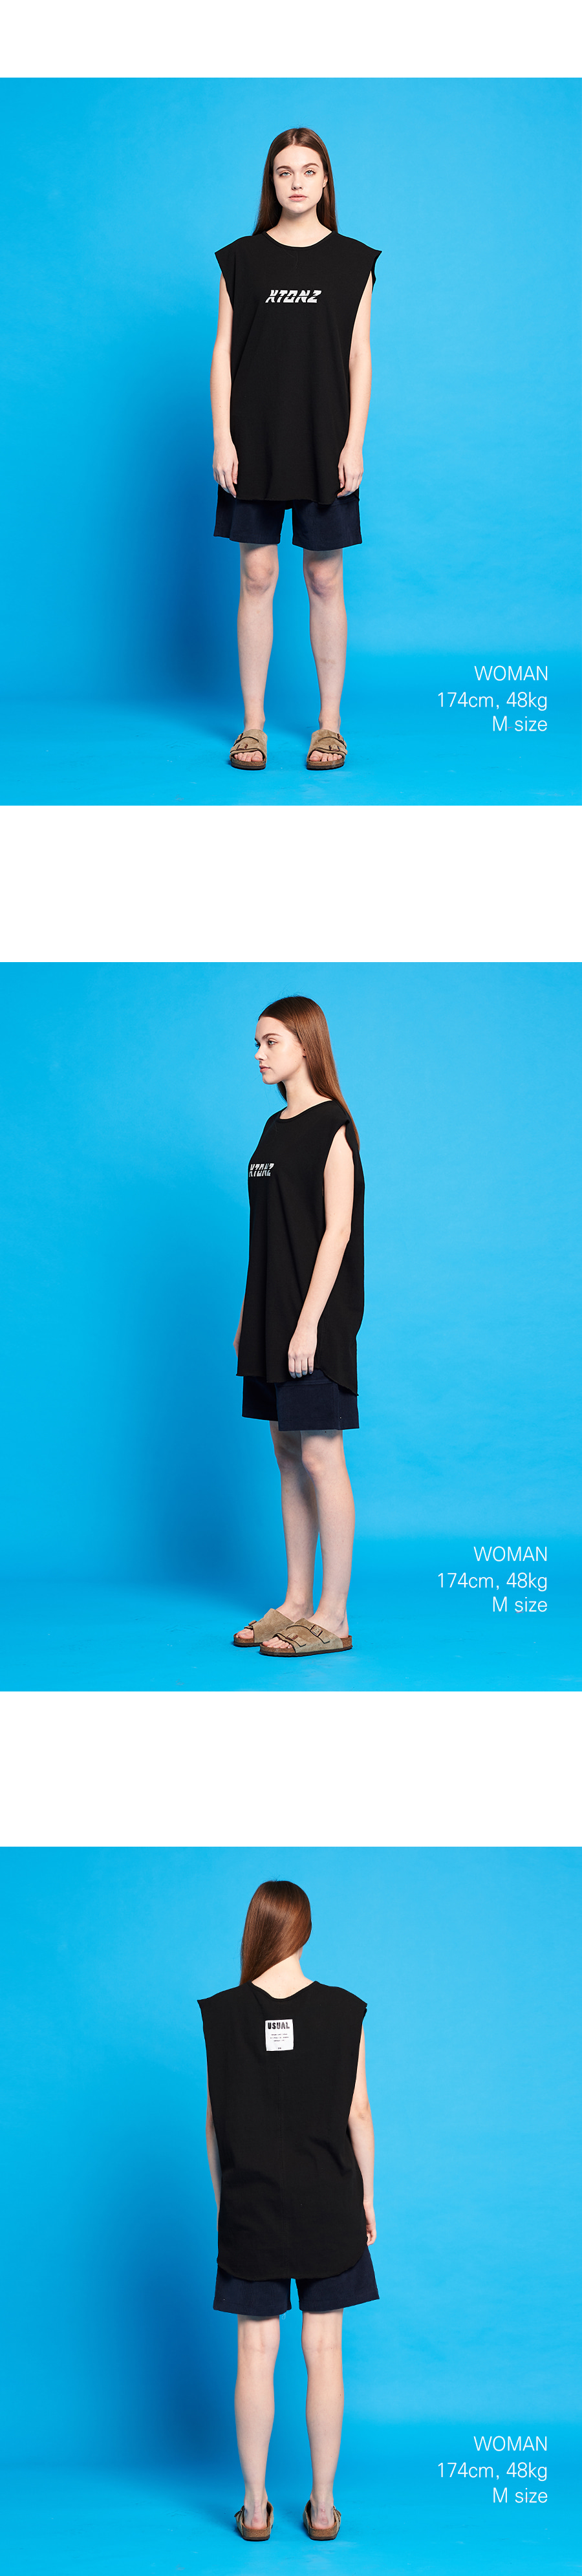 xtt009_bk_woman_1.jpg